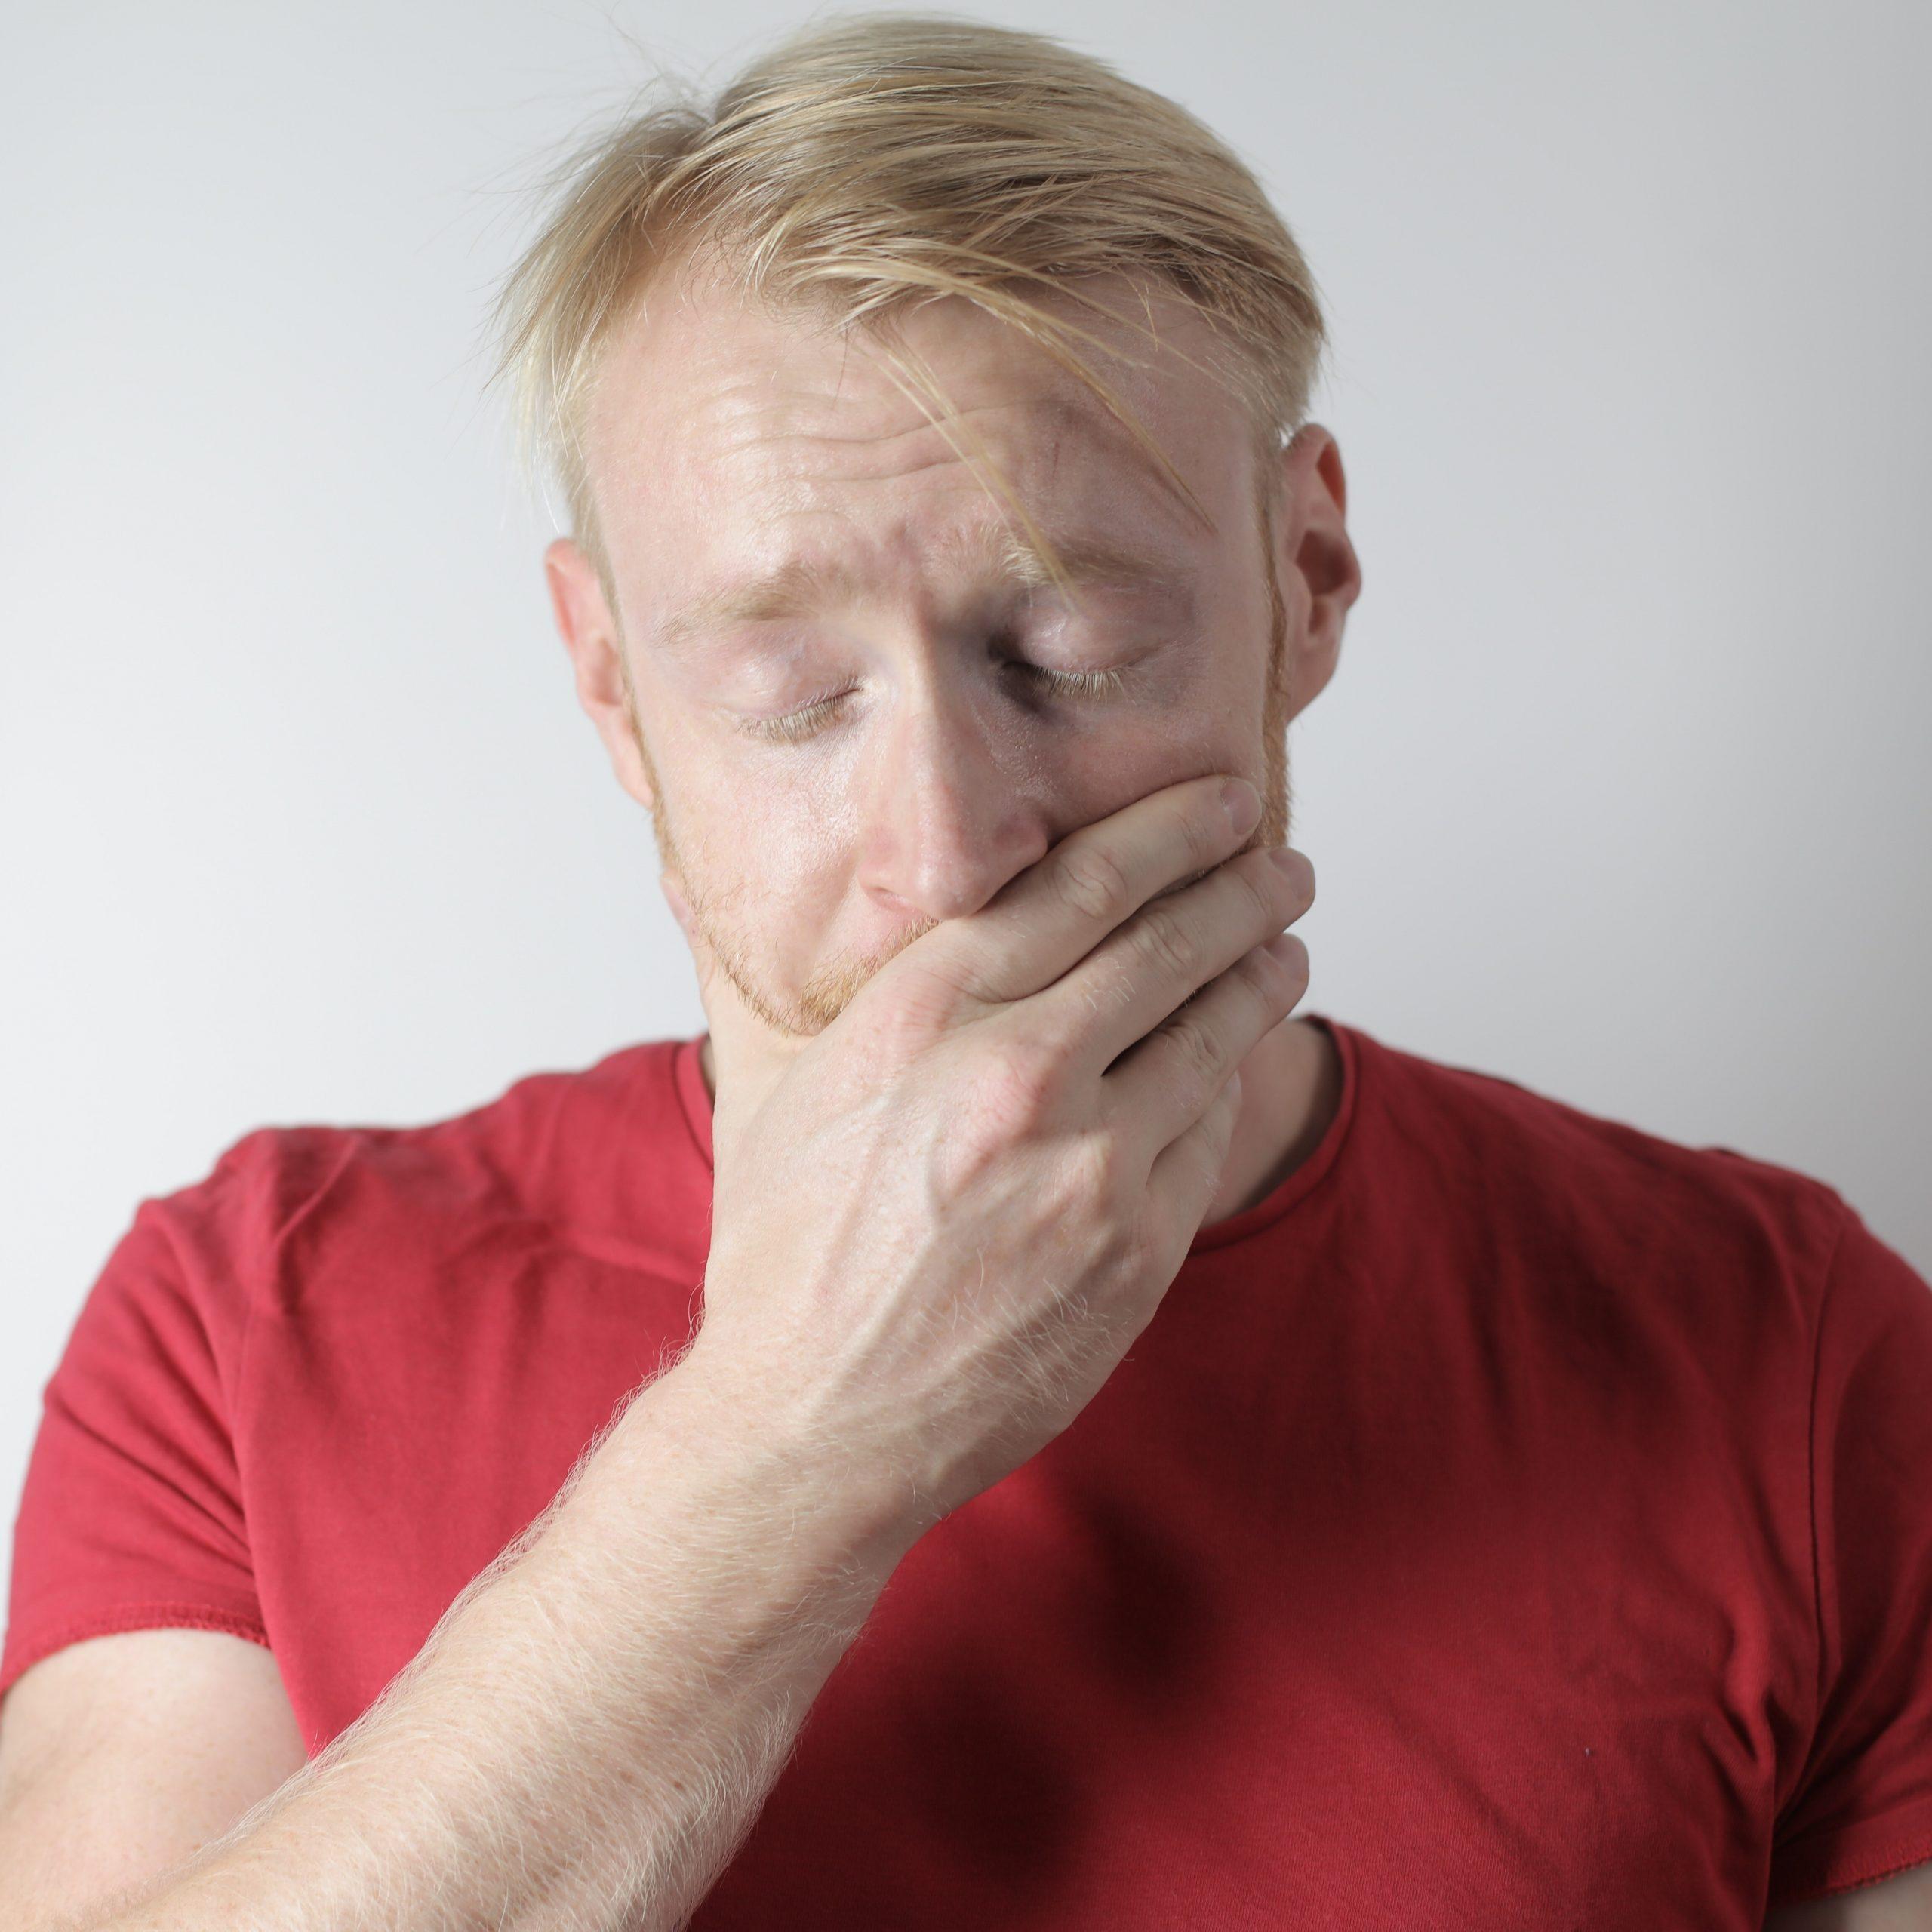 Otturazione Dentale: se cade o salta.. | AKOS Centro Odontoiatrico Dentisti SPECIALIZZATI a Parma Carpi Modena Reggio Emilia